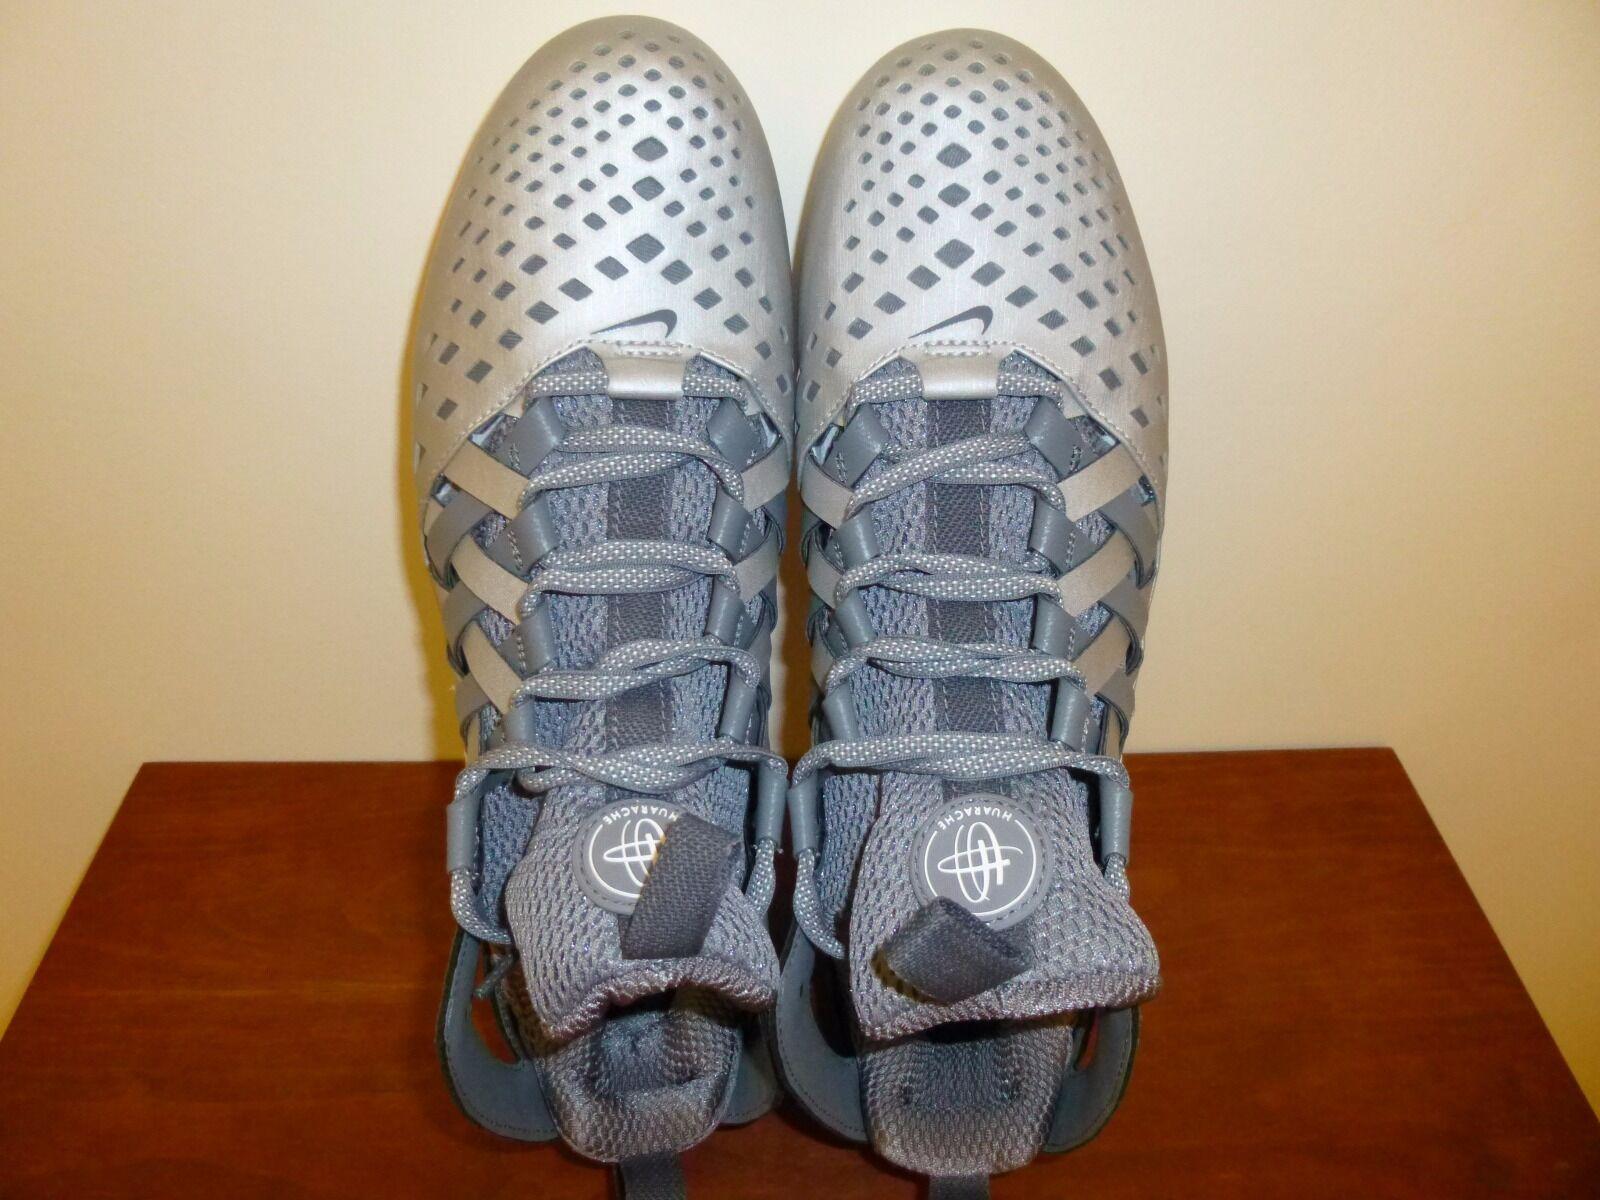 Gli uomini sono nike huarache v lacrosse galloccia 807142 010 grigio / argento 10